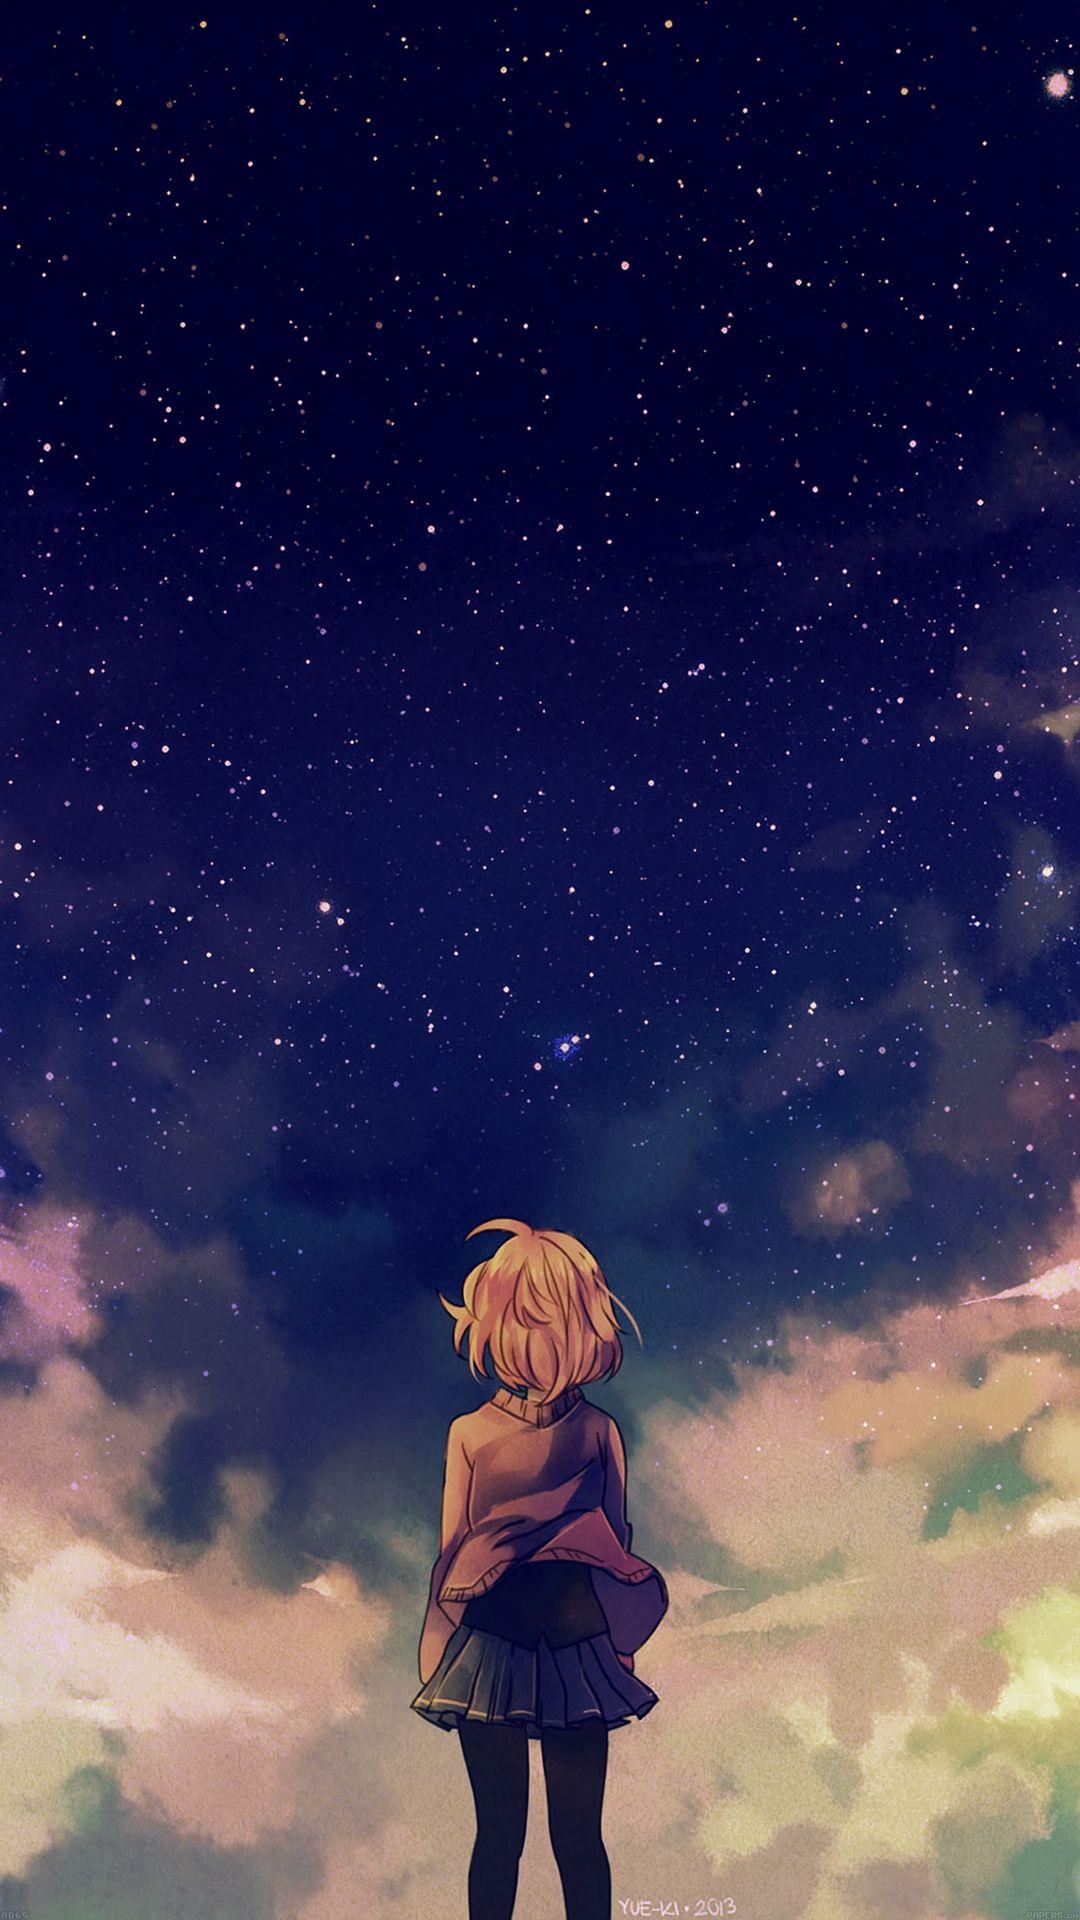 Anime Wallpaper Enjpg